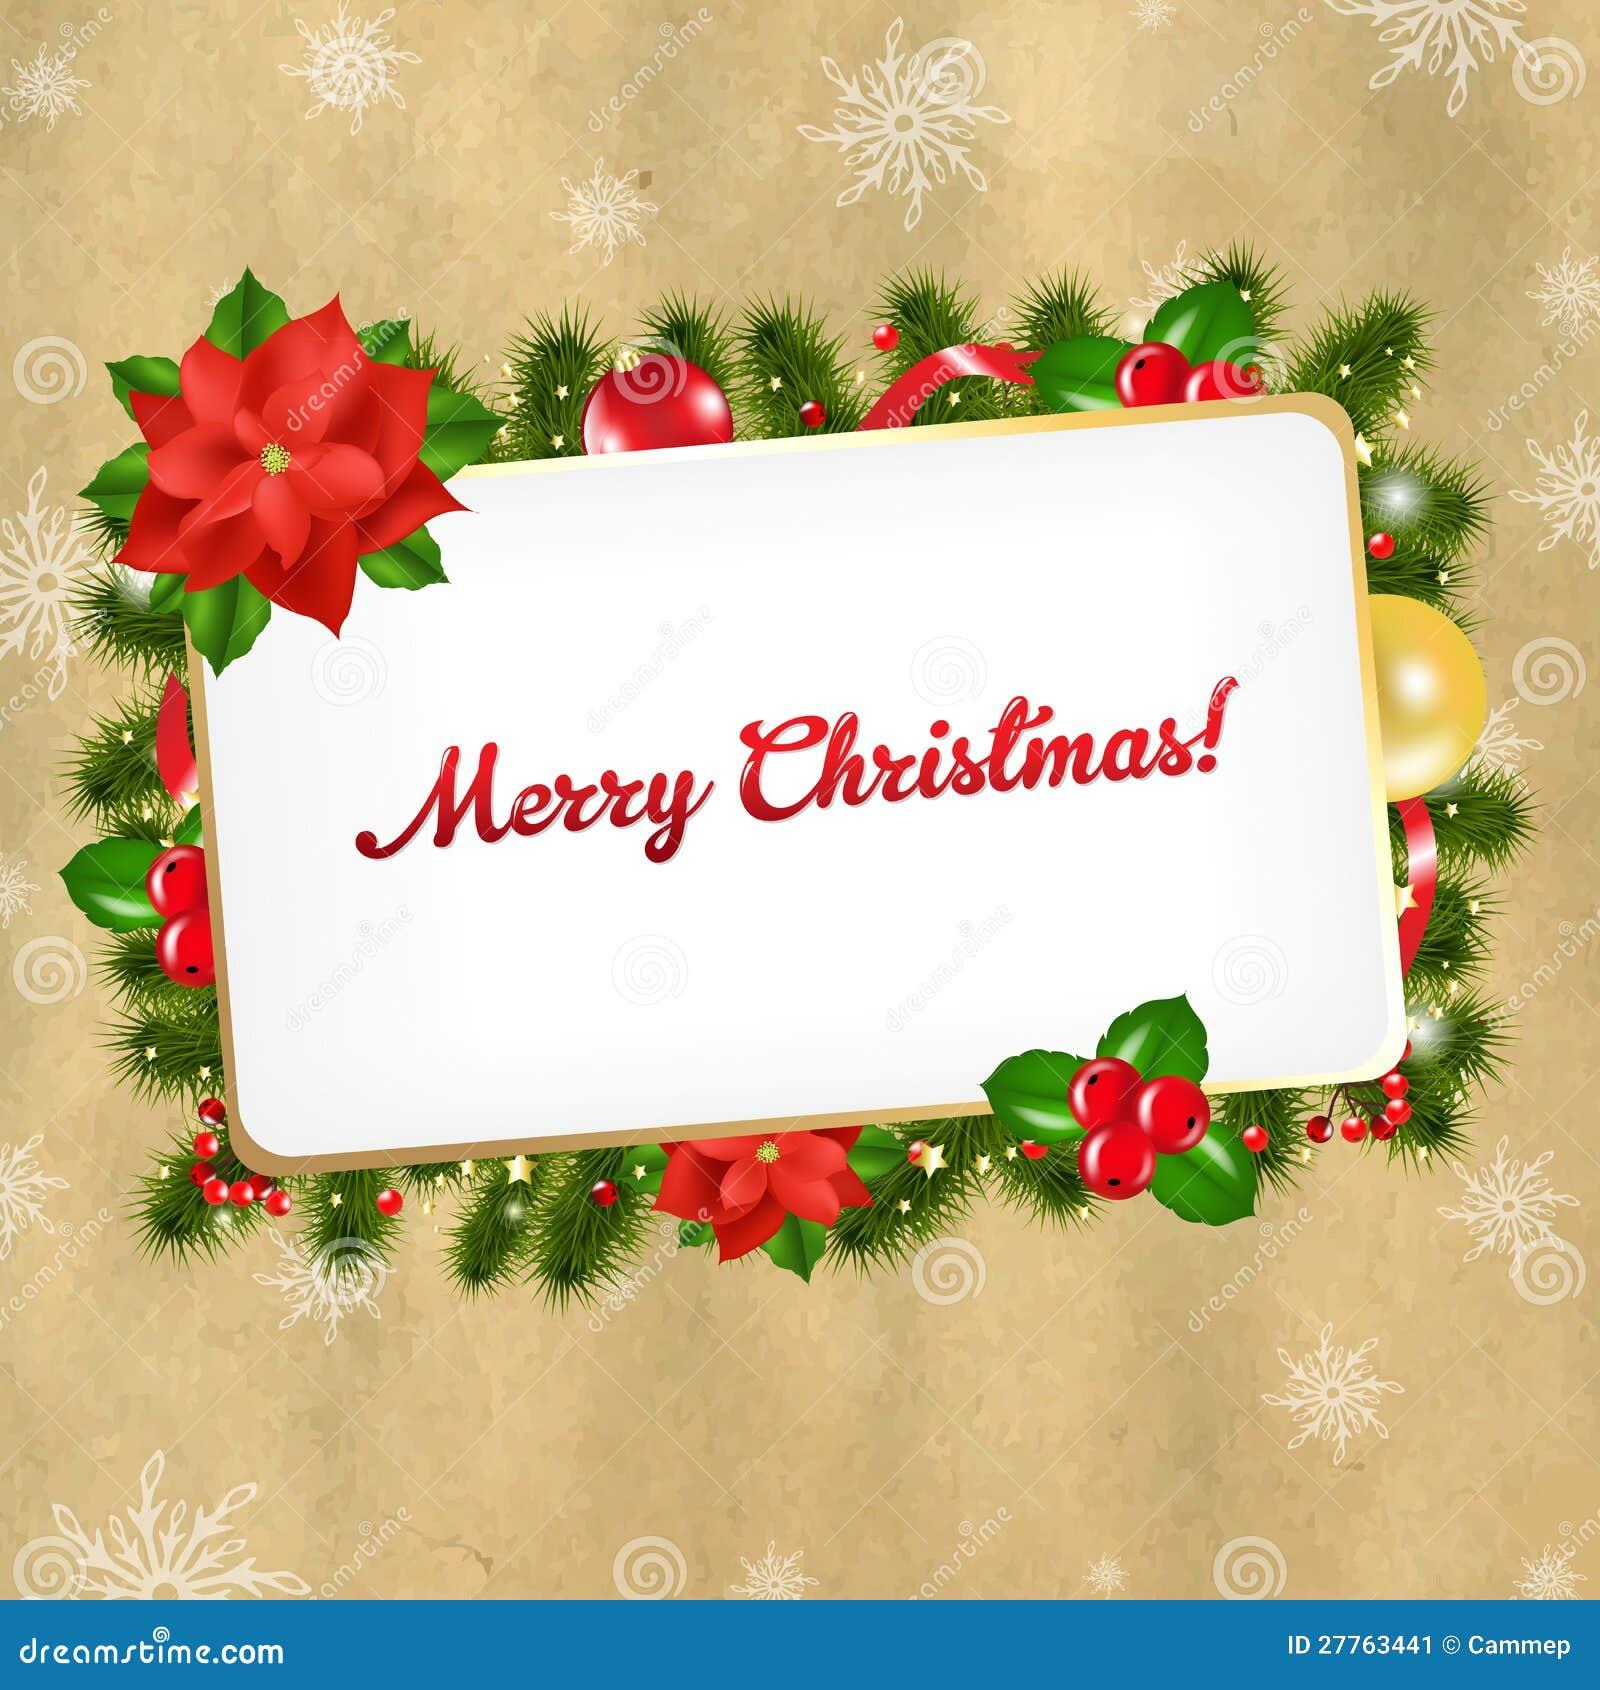 Christmas Vintage Blank Gift Tag Stock Image - Image: 27763441